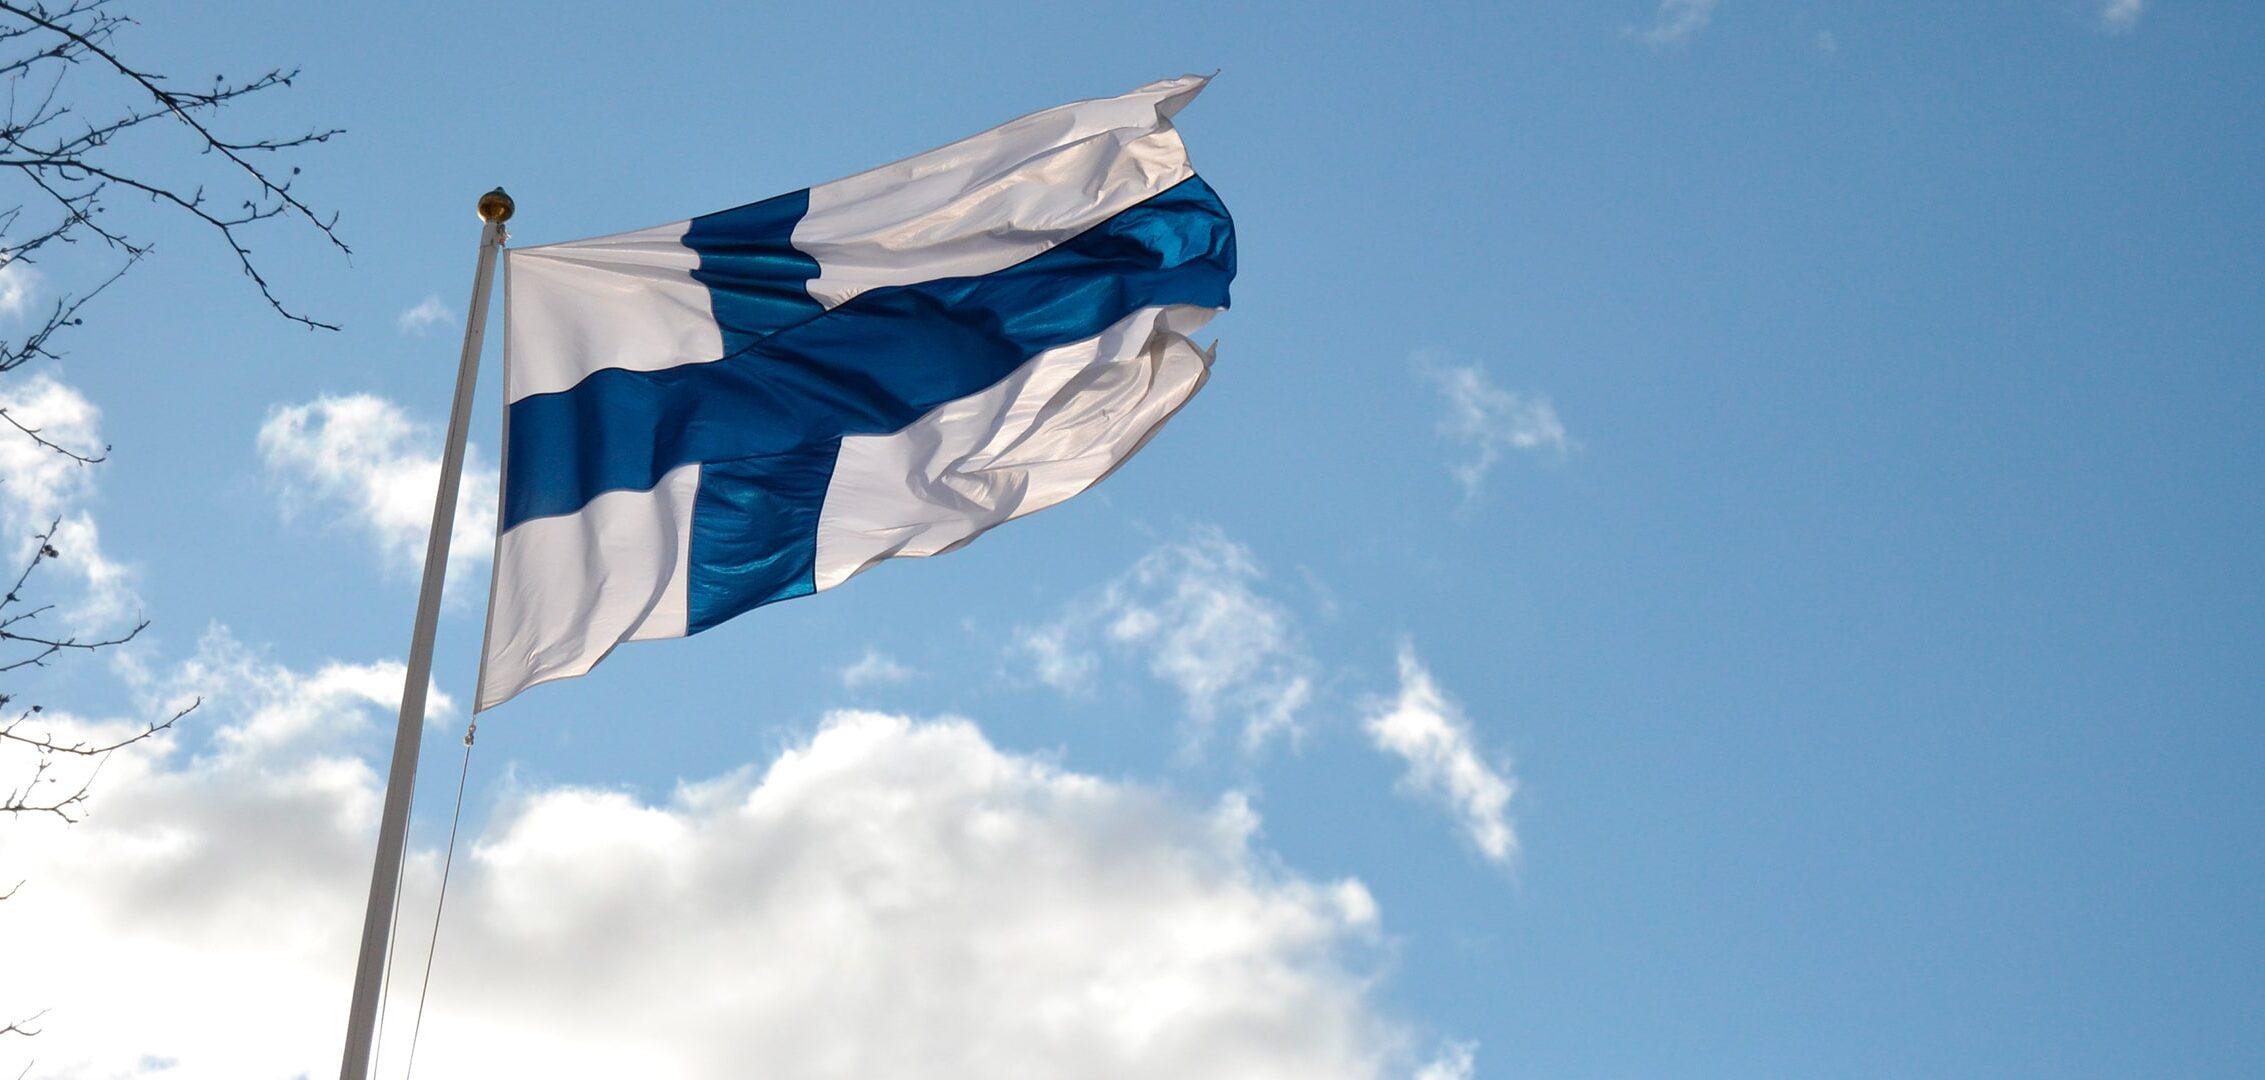 Студентська практика у фінляндії